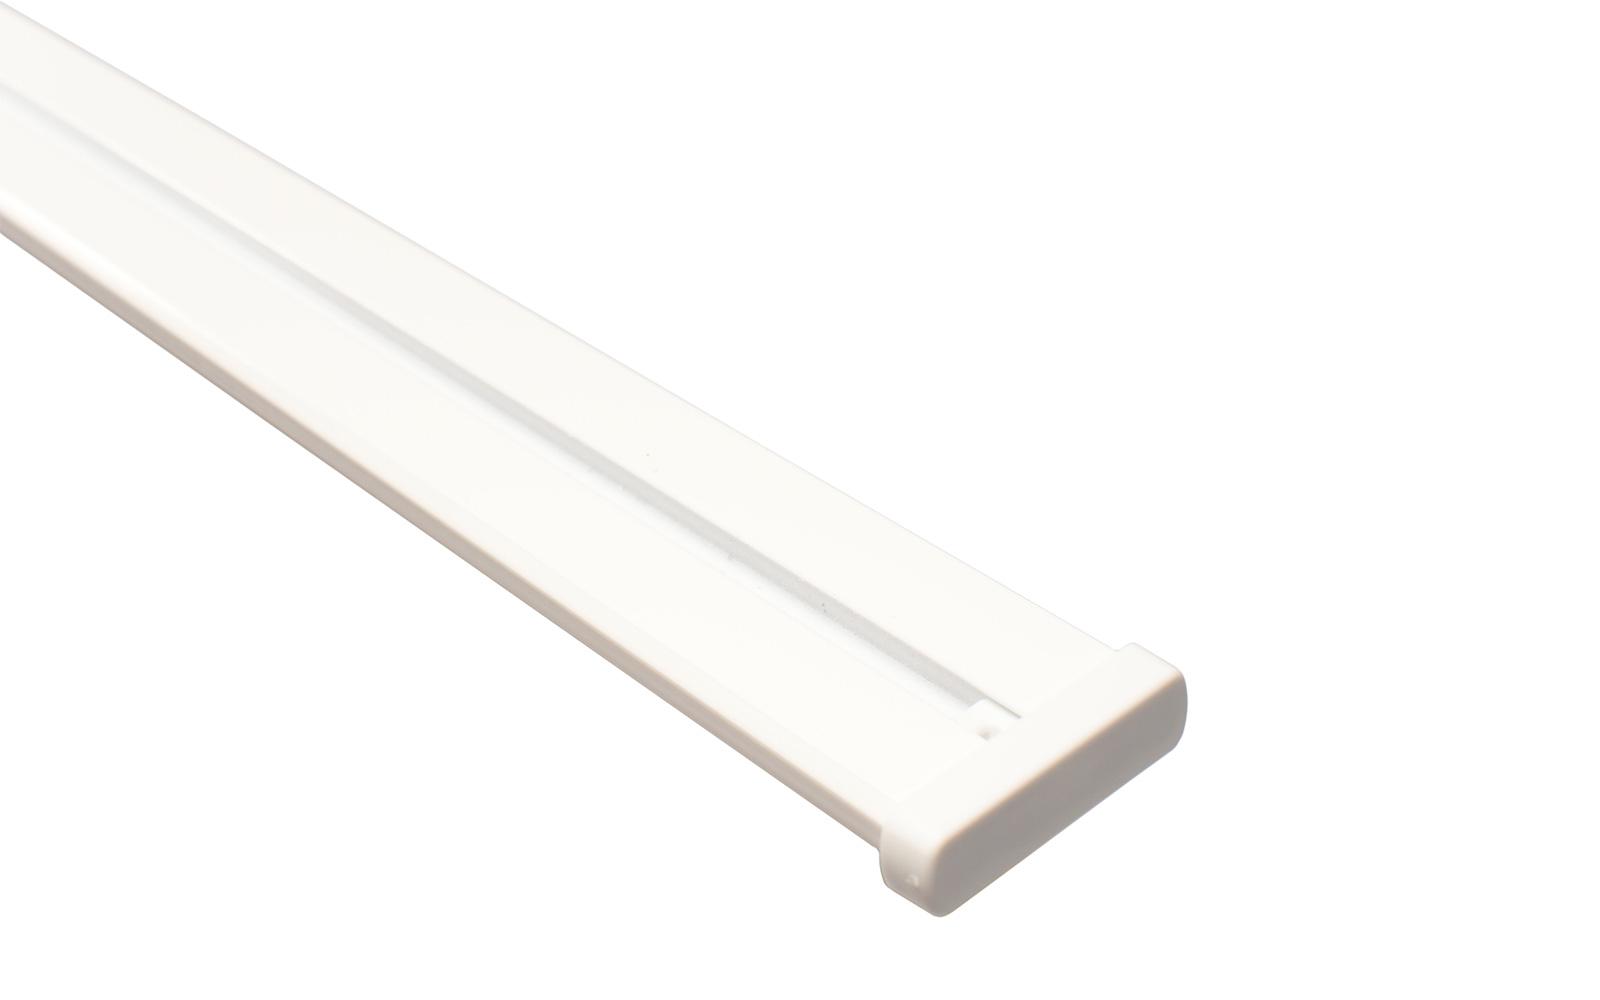 Erstaunlich Vorhangschiene 2-läufig weiß aus Aluminium inklusive Vorbohrung AX81